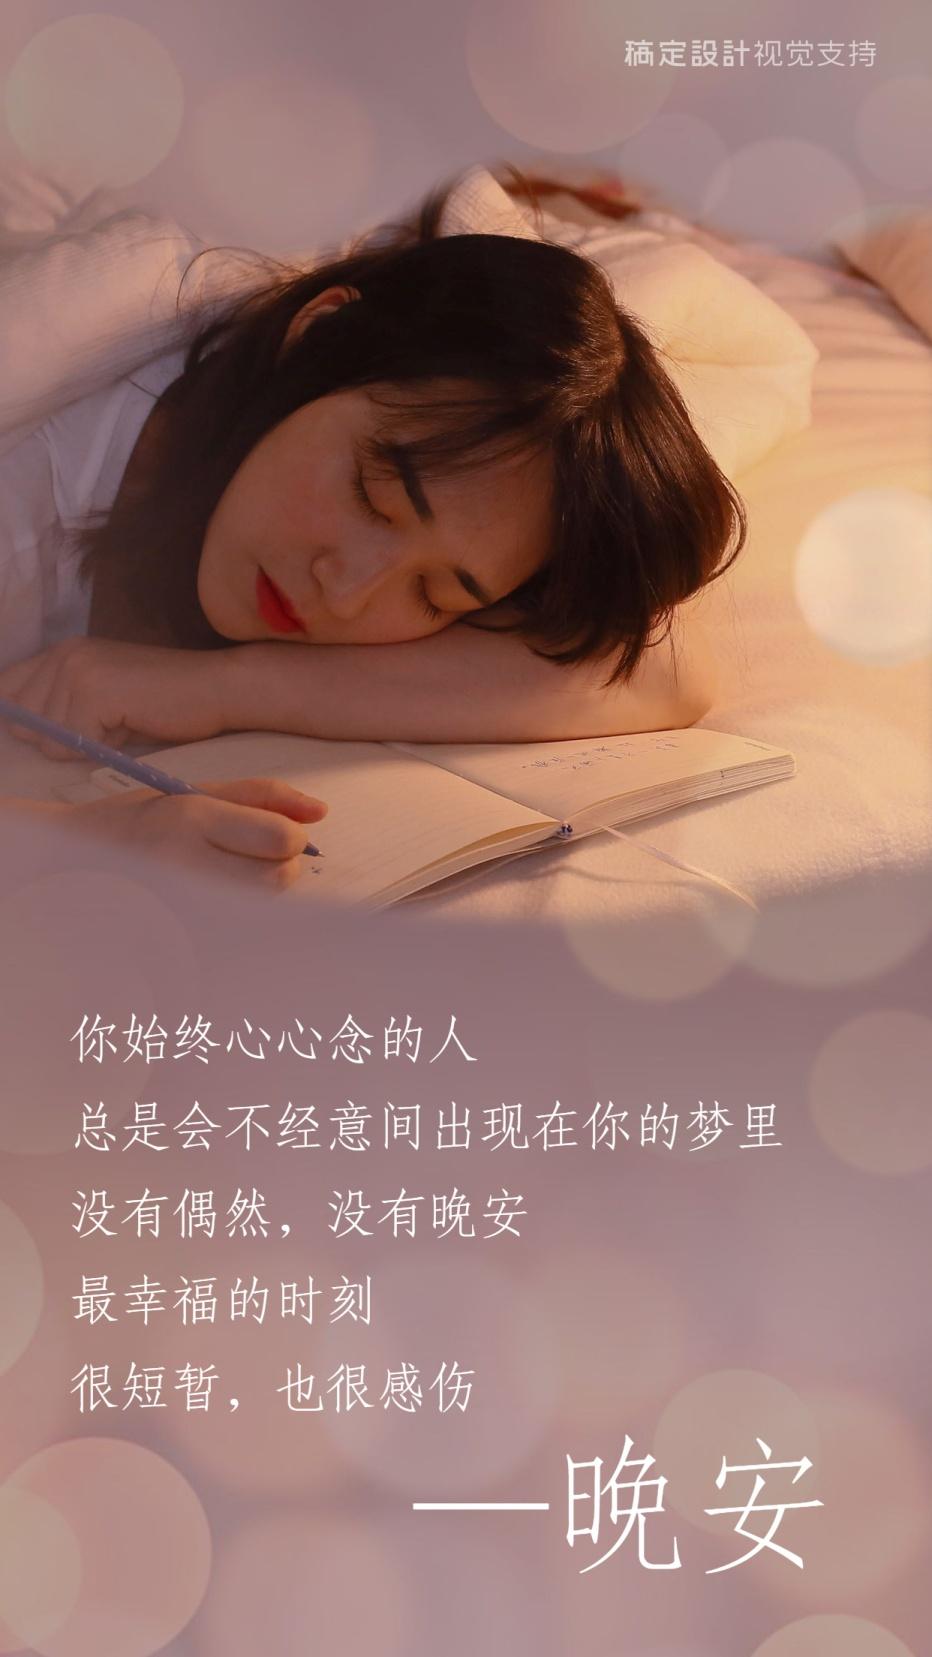 晚安心语问候海报